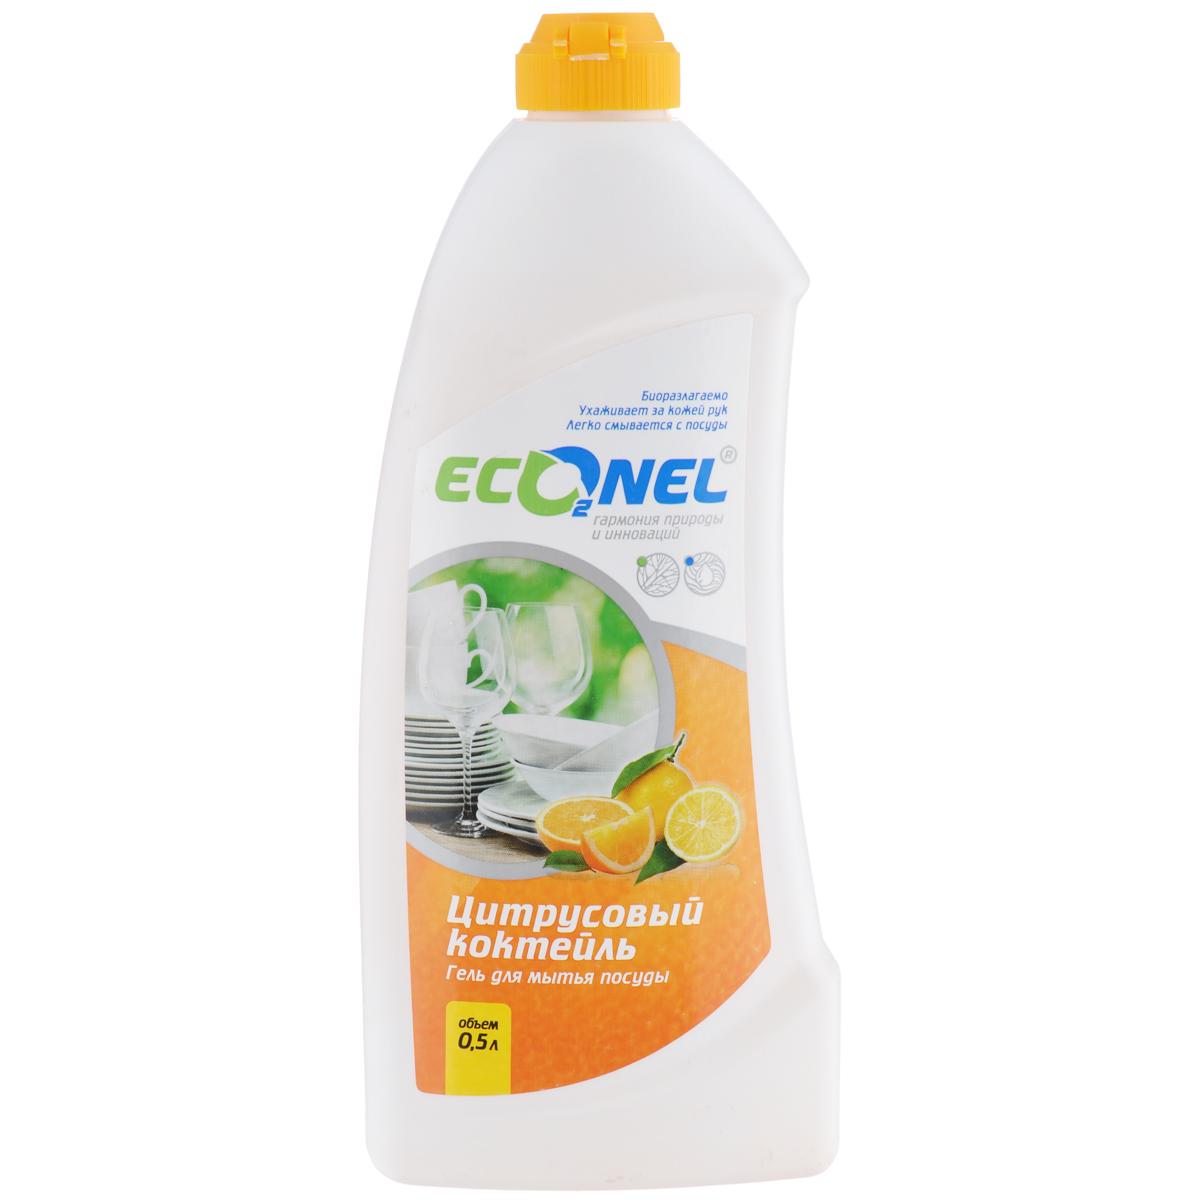 Гель для мытья посуды Econel Цитрусовый коктейль, 0,5 л870154Гель Econel Цитрусовый коктейль предназначен для мытья фарфоровой, фаянсовой, керамической, стеклянной и металлической посуды и столовых приборов. - Легко смывается с посуды, не оставляя следов и запахов на посуде - Заботится о коже рук благодаря смягчающим компонентам - Биоразлагаем и безопасен для окружающей среды - Эффективно справляется с любыми жировыми загрязнениями. Состав: менее 5%: ароматизатор, глицерин, краситель, полимеры, консервант, карбамид, неионогенное поверхностно-активное вещество, амфотерное поверхностно-активное вещество, анионное поверхностно-активное вещество; 5-15% хлорид натрия; более 30% вода очищенная.